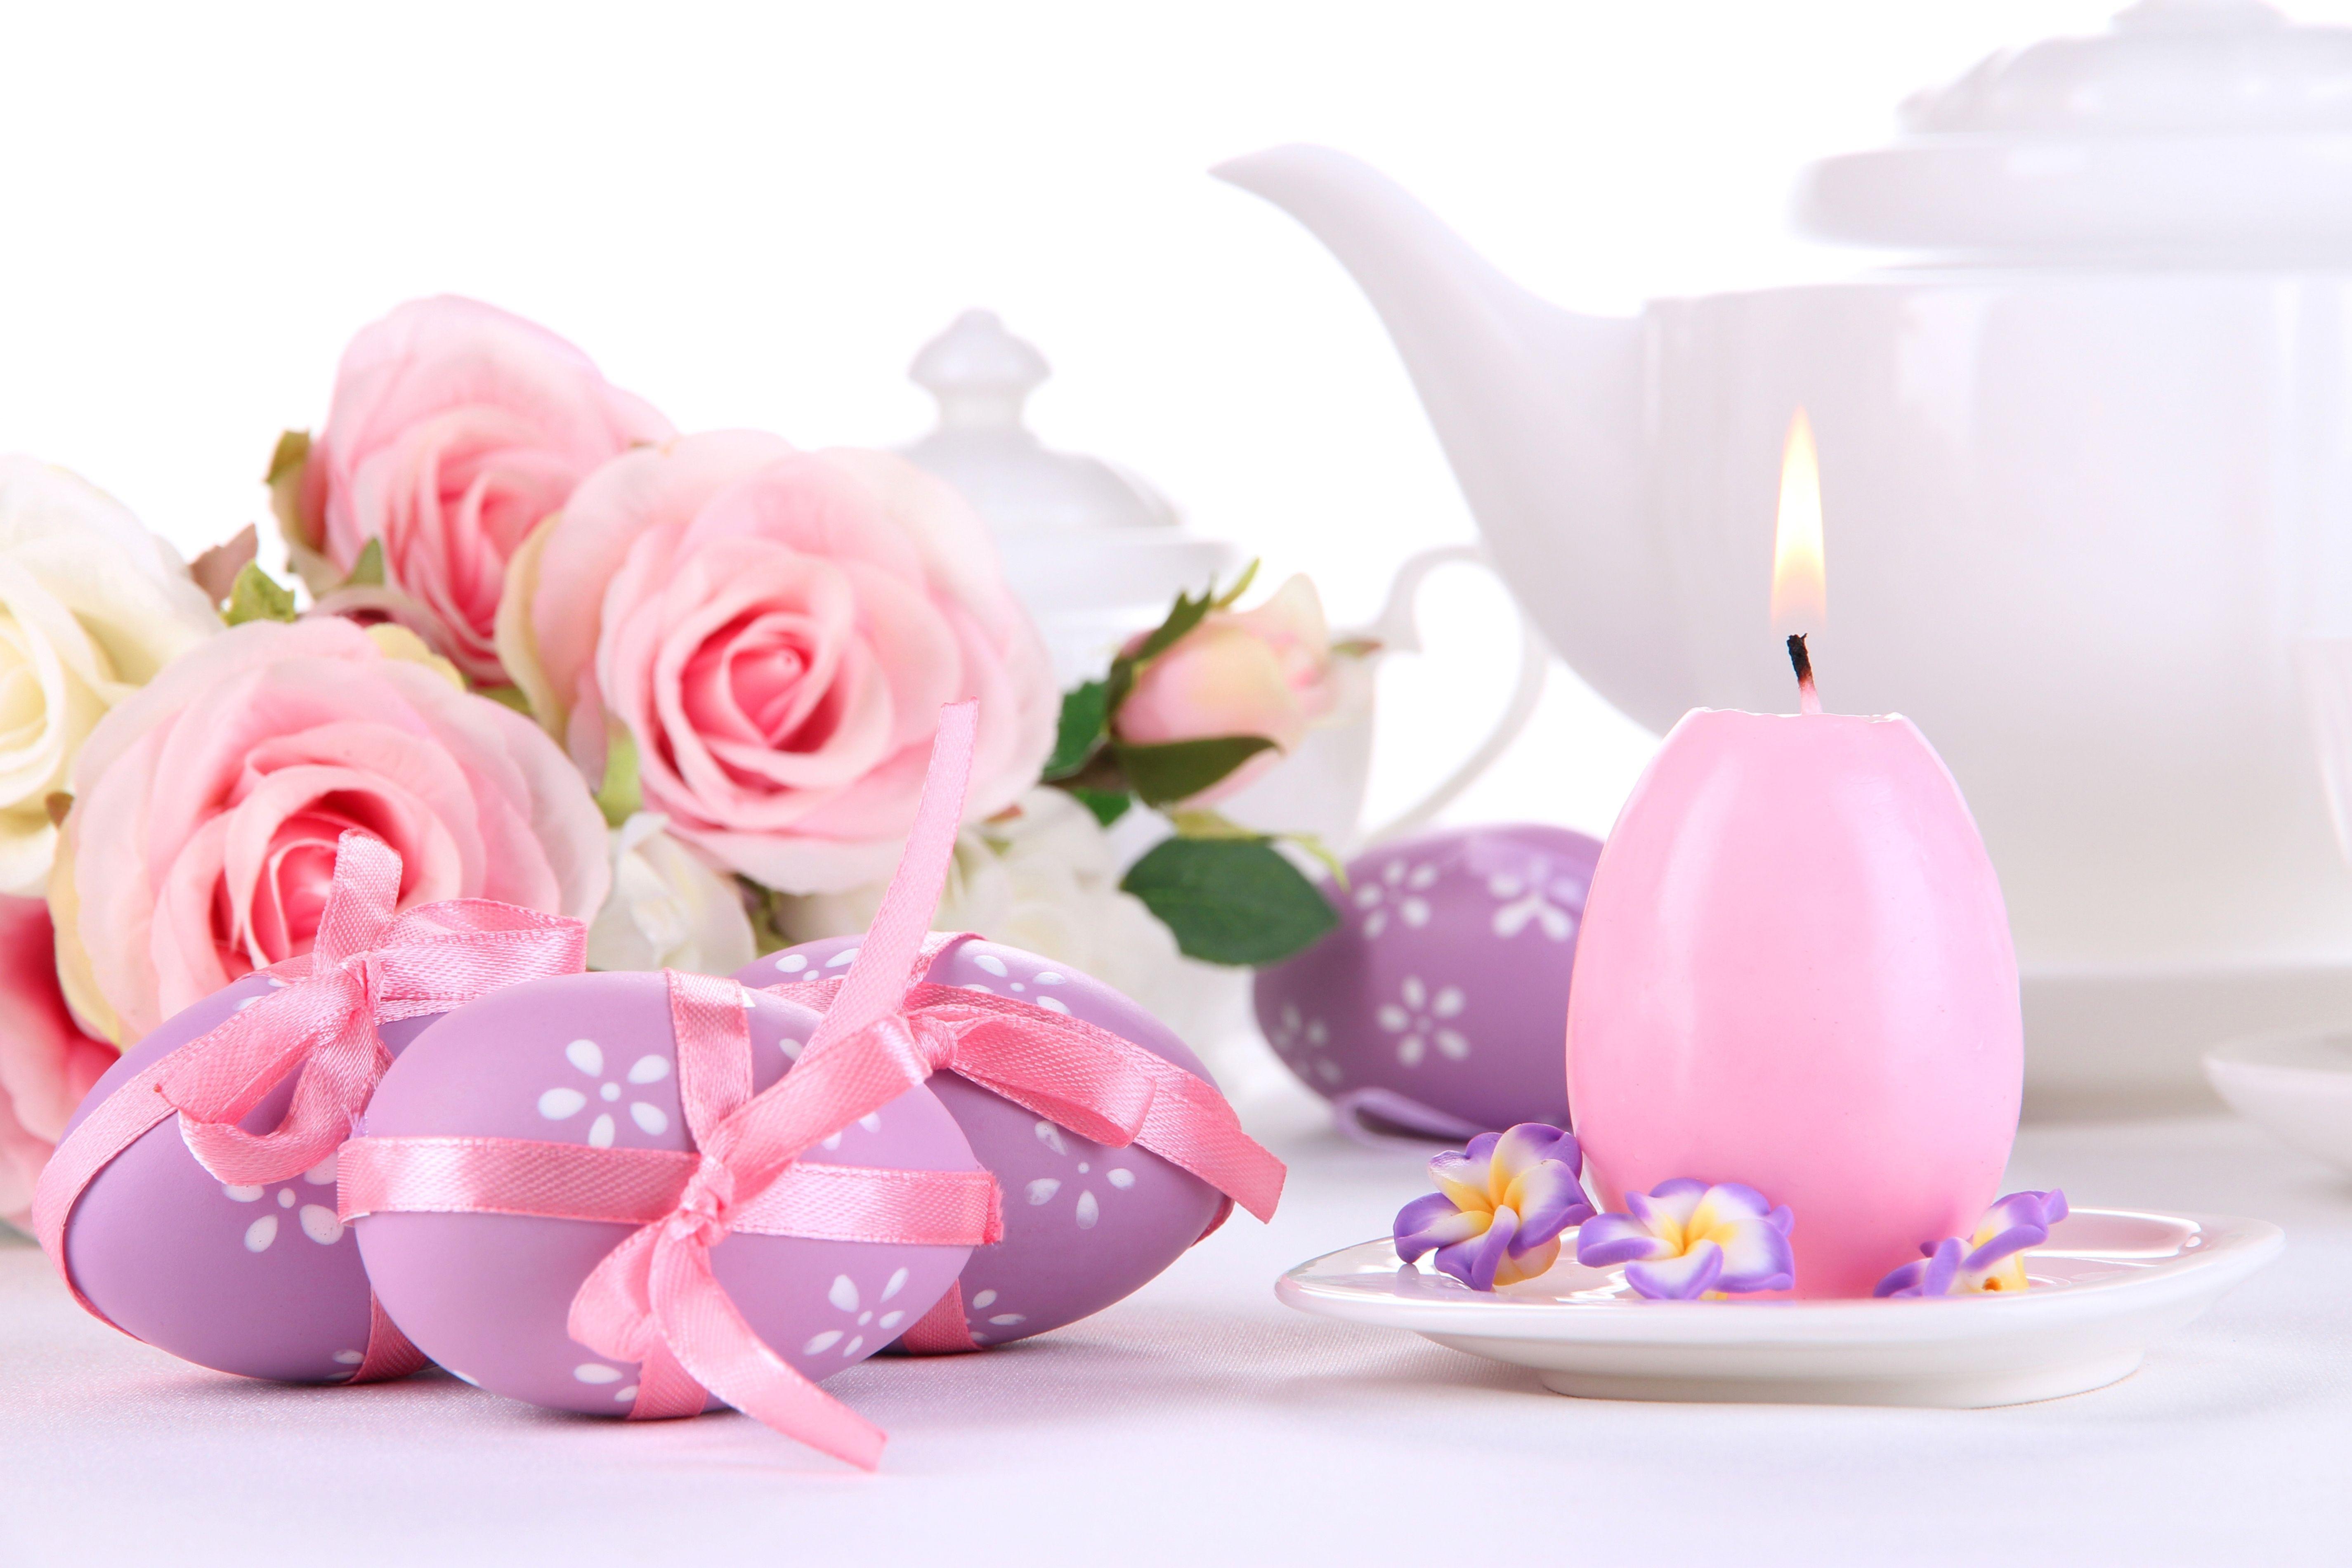 цветы свечи  № 1504370 бесплатно